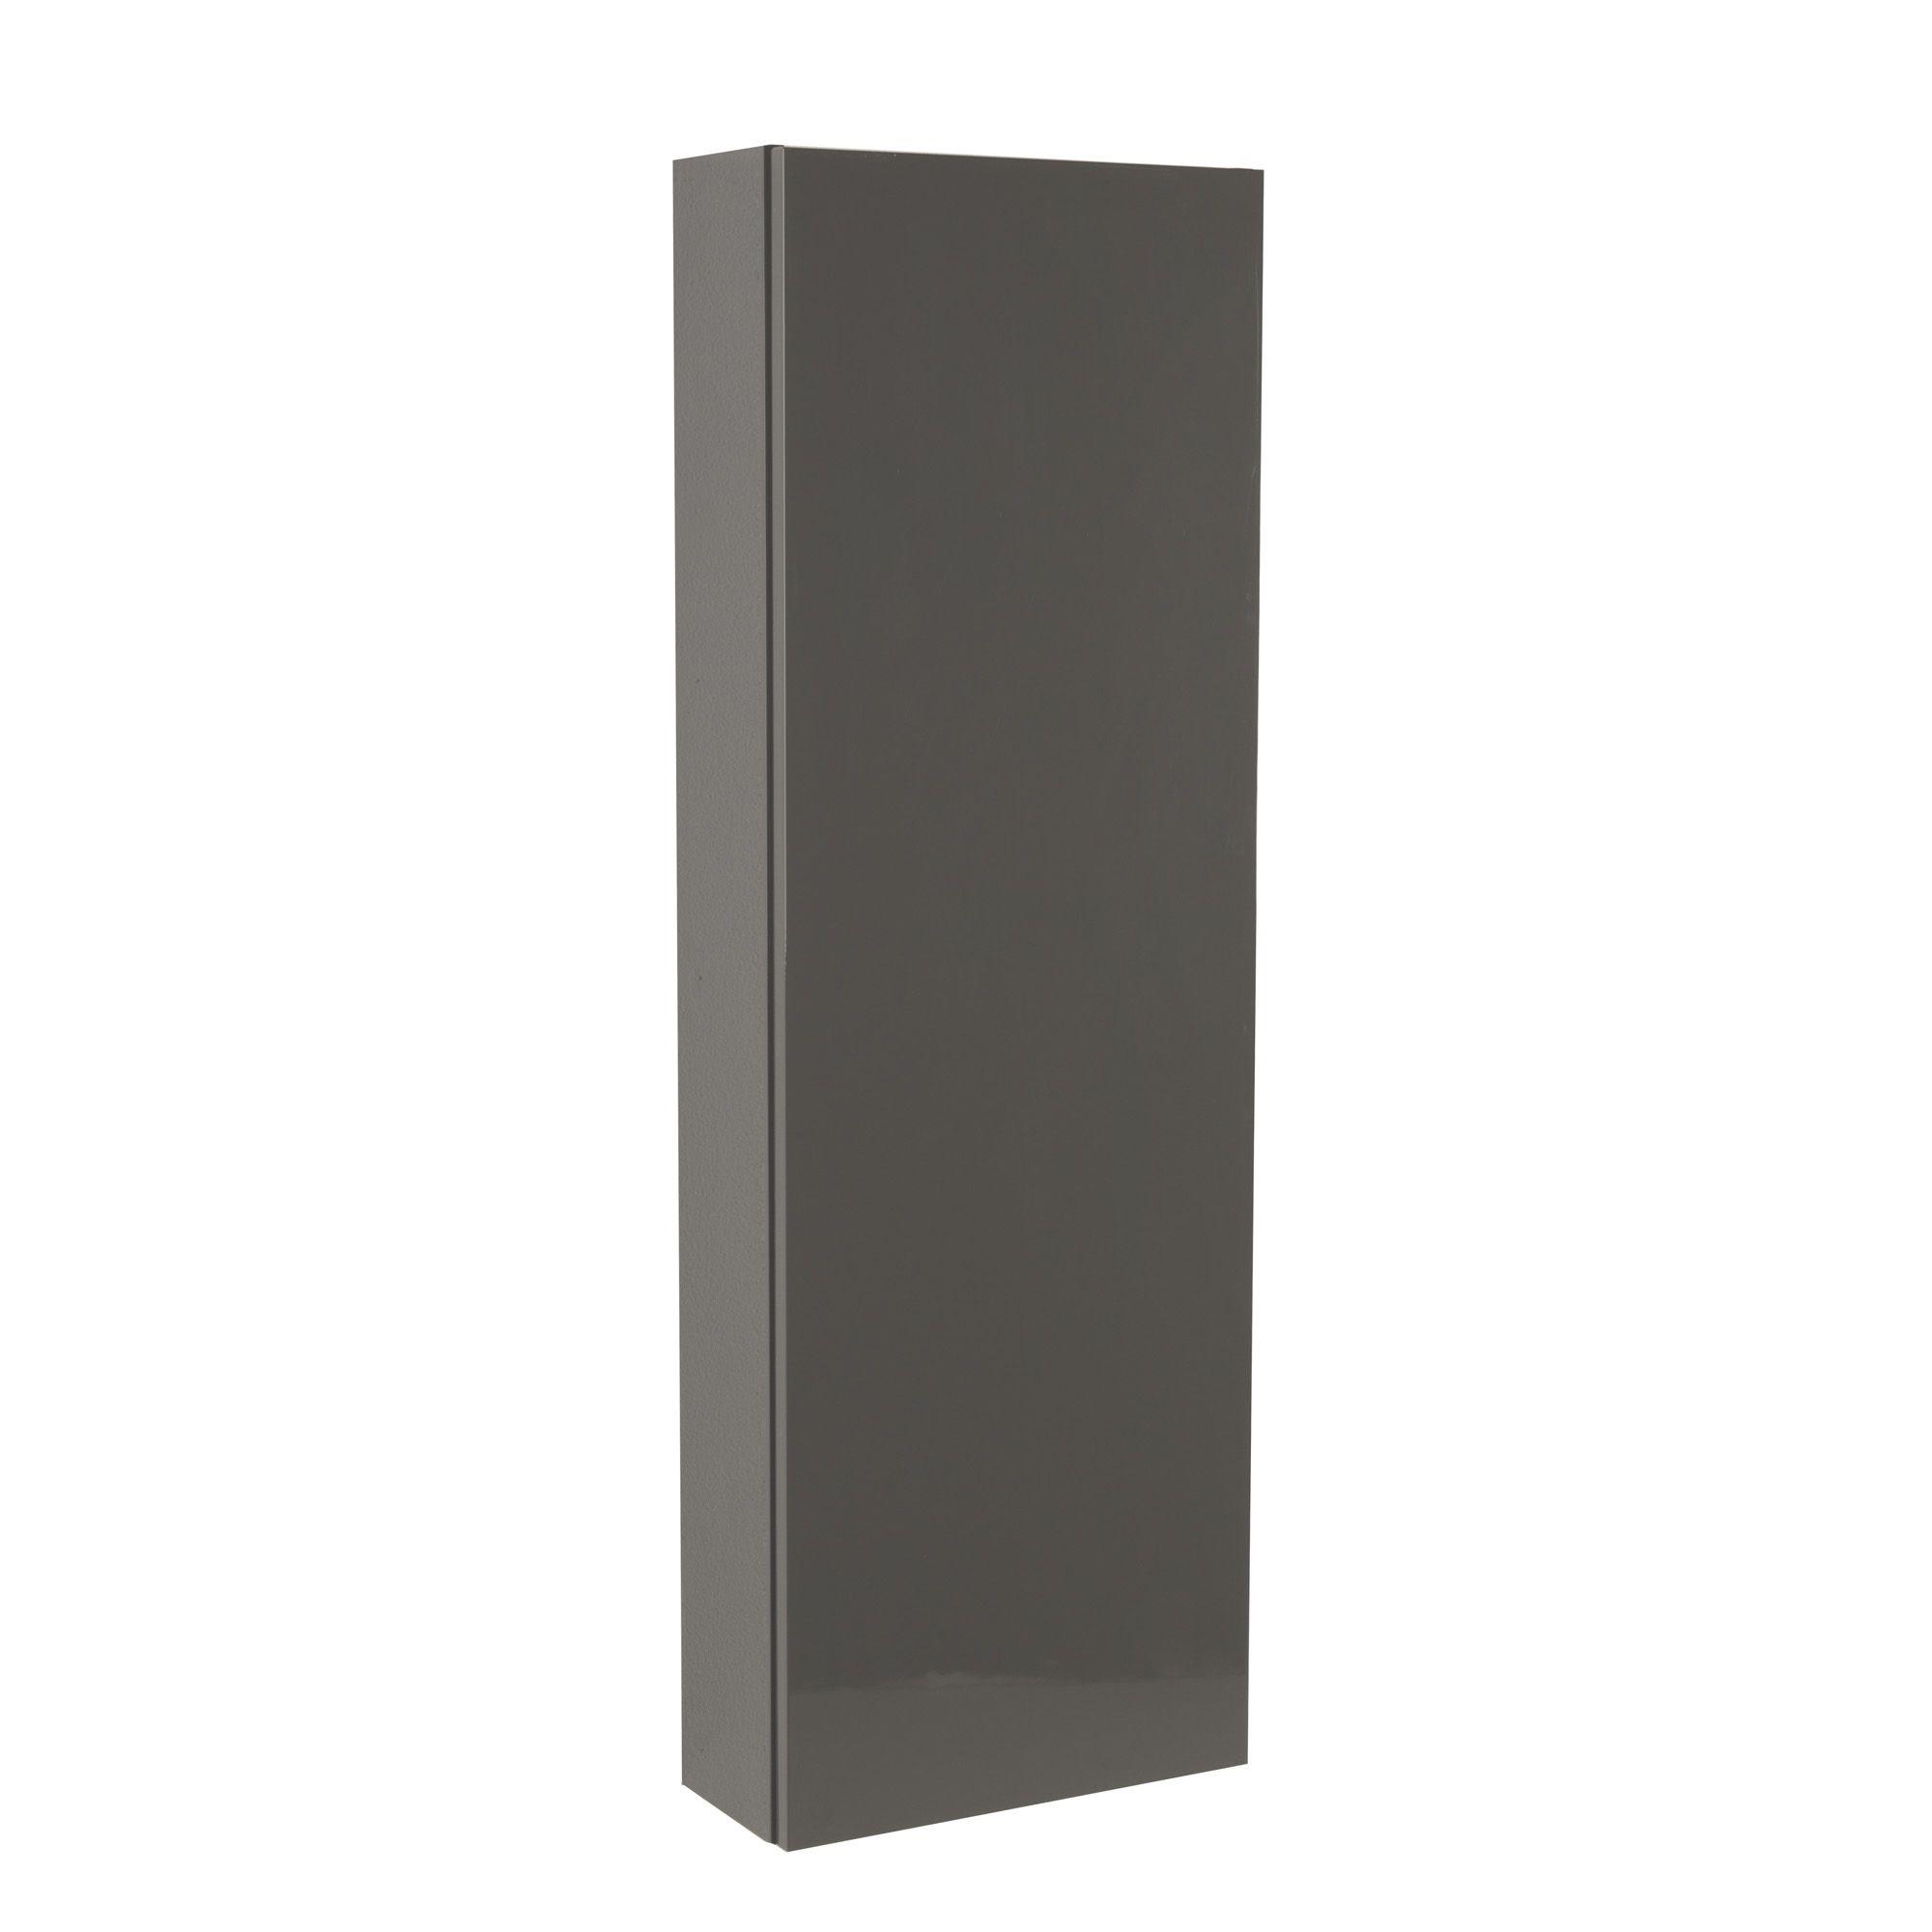 alin a luxy colonne de salle de bains 120cm pas cher achat vente colonne de salle de bain. Black Bedroom Furniture Sets. Home Design Ideas